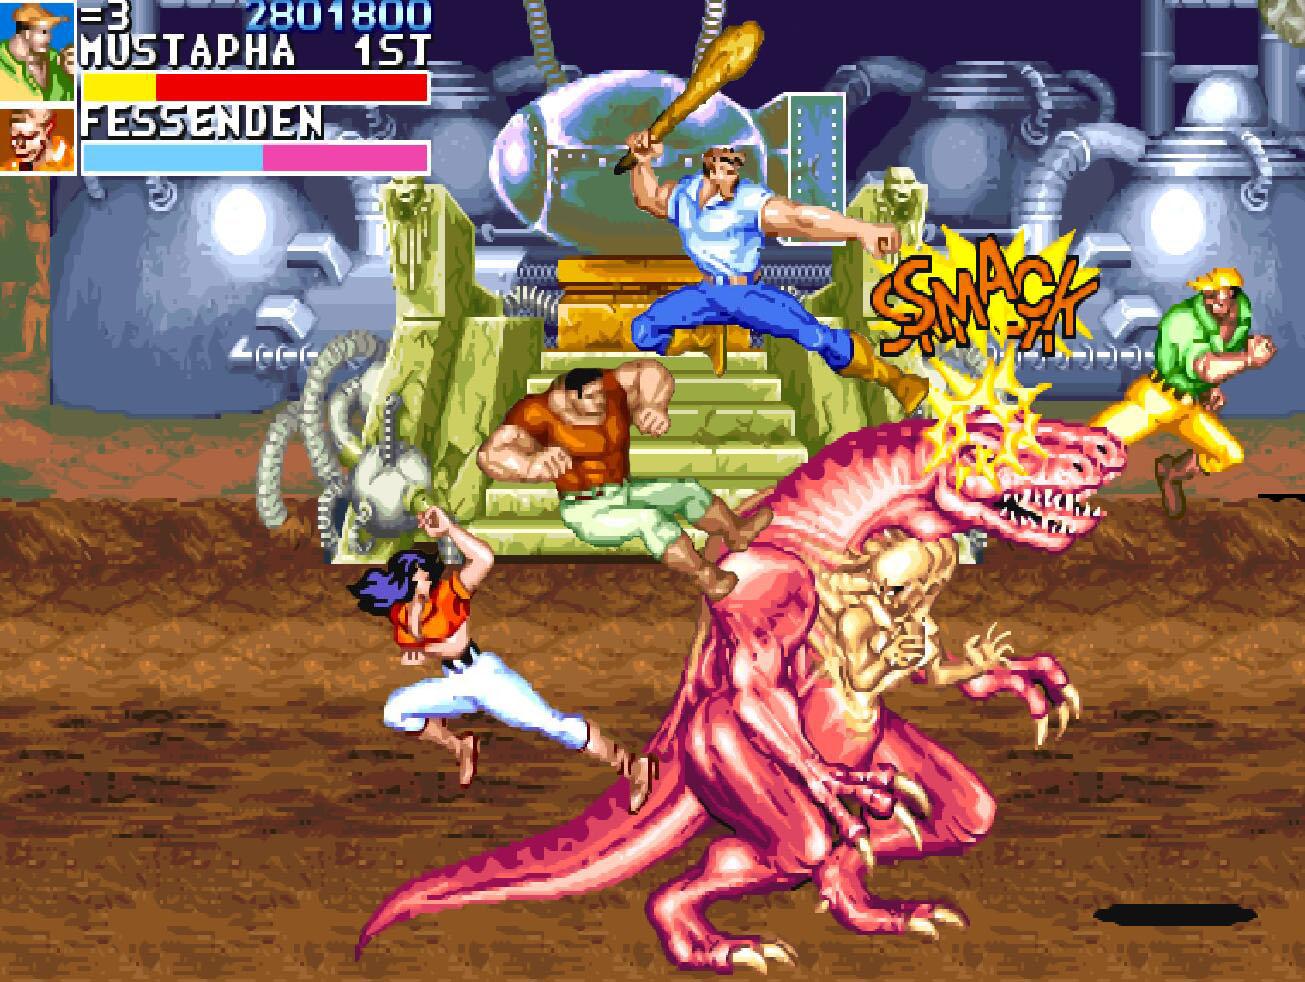 街机《恐龙快打》漫画剧情:汉娜被蜥蜴人捉住,改写了人类的命运